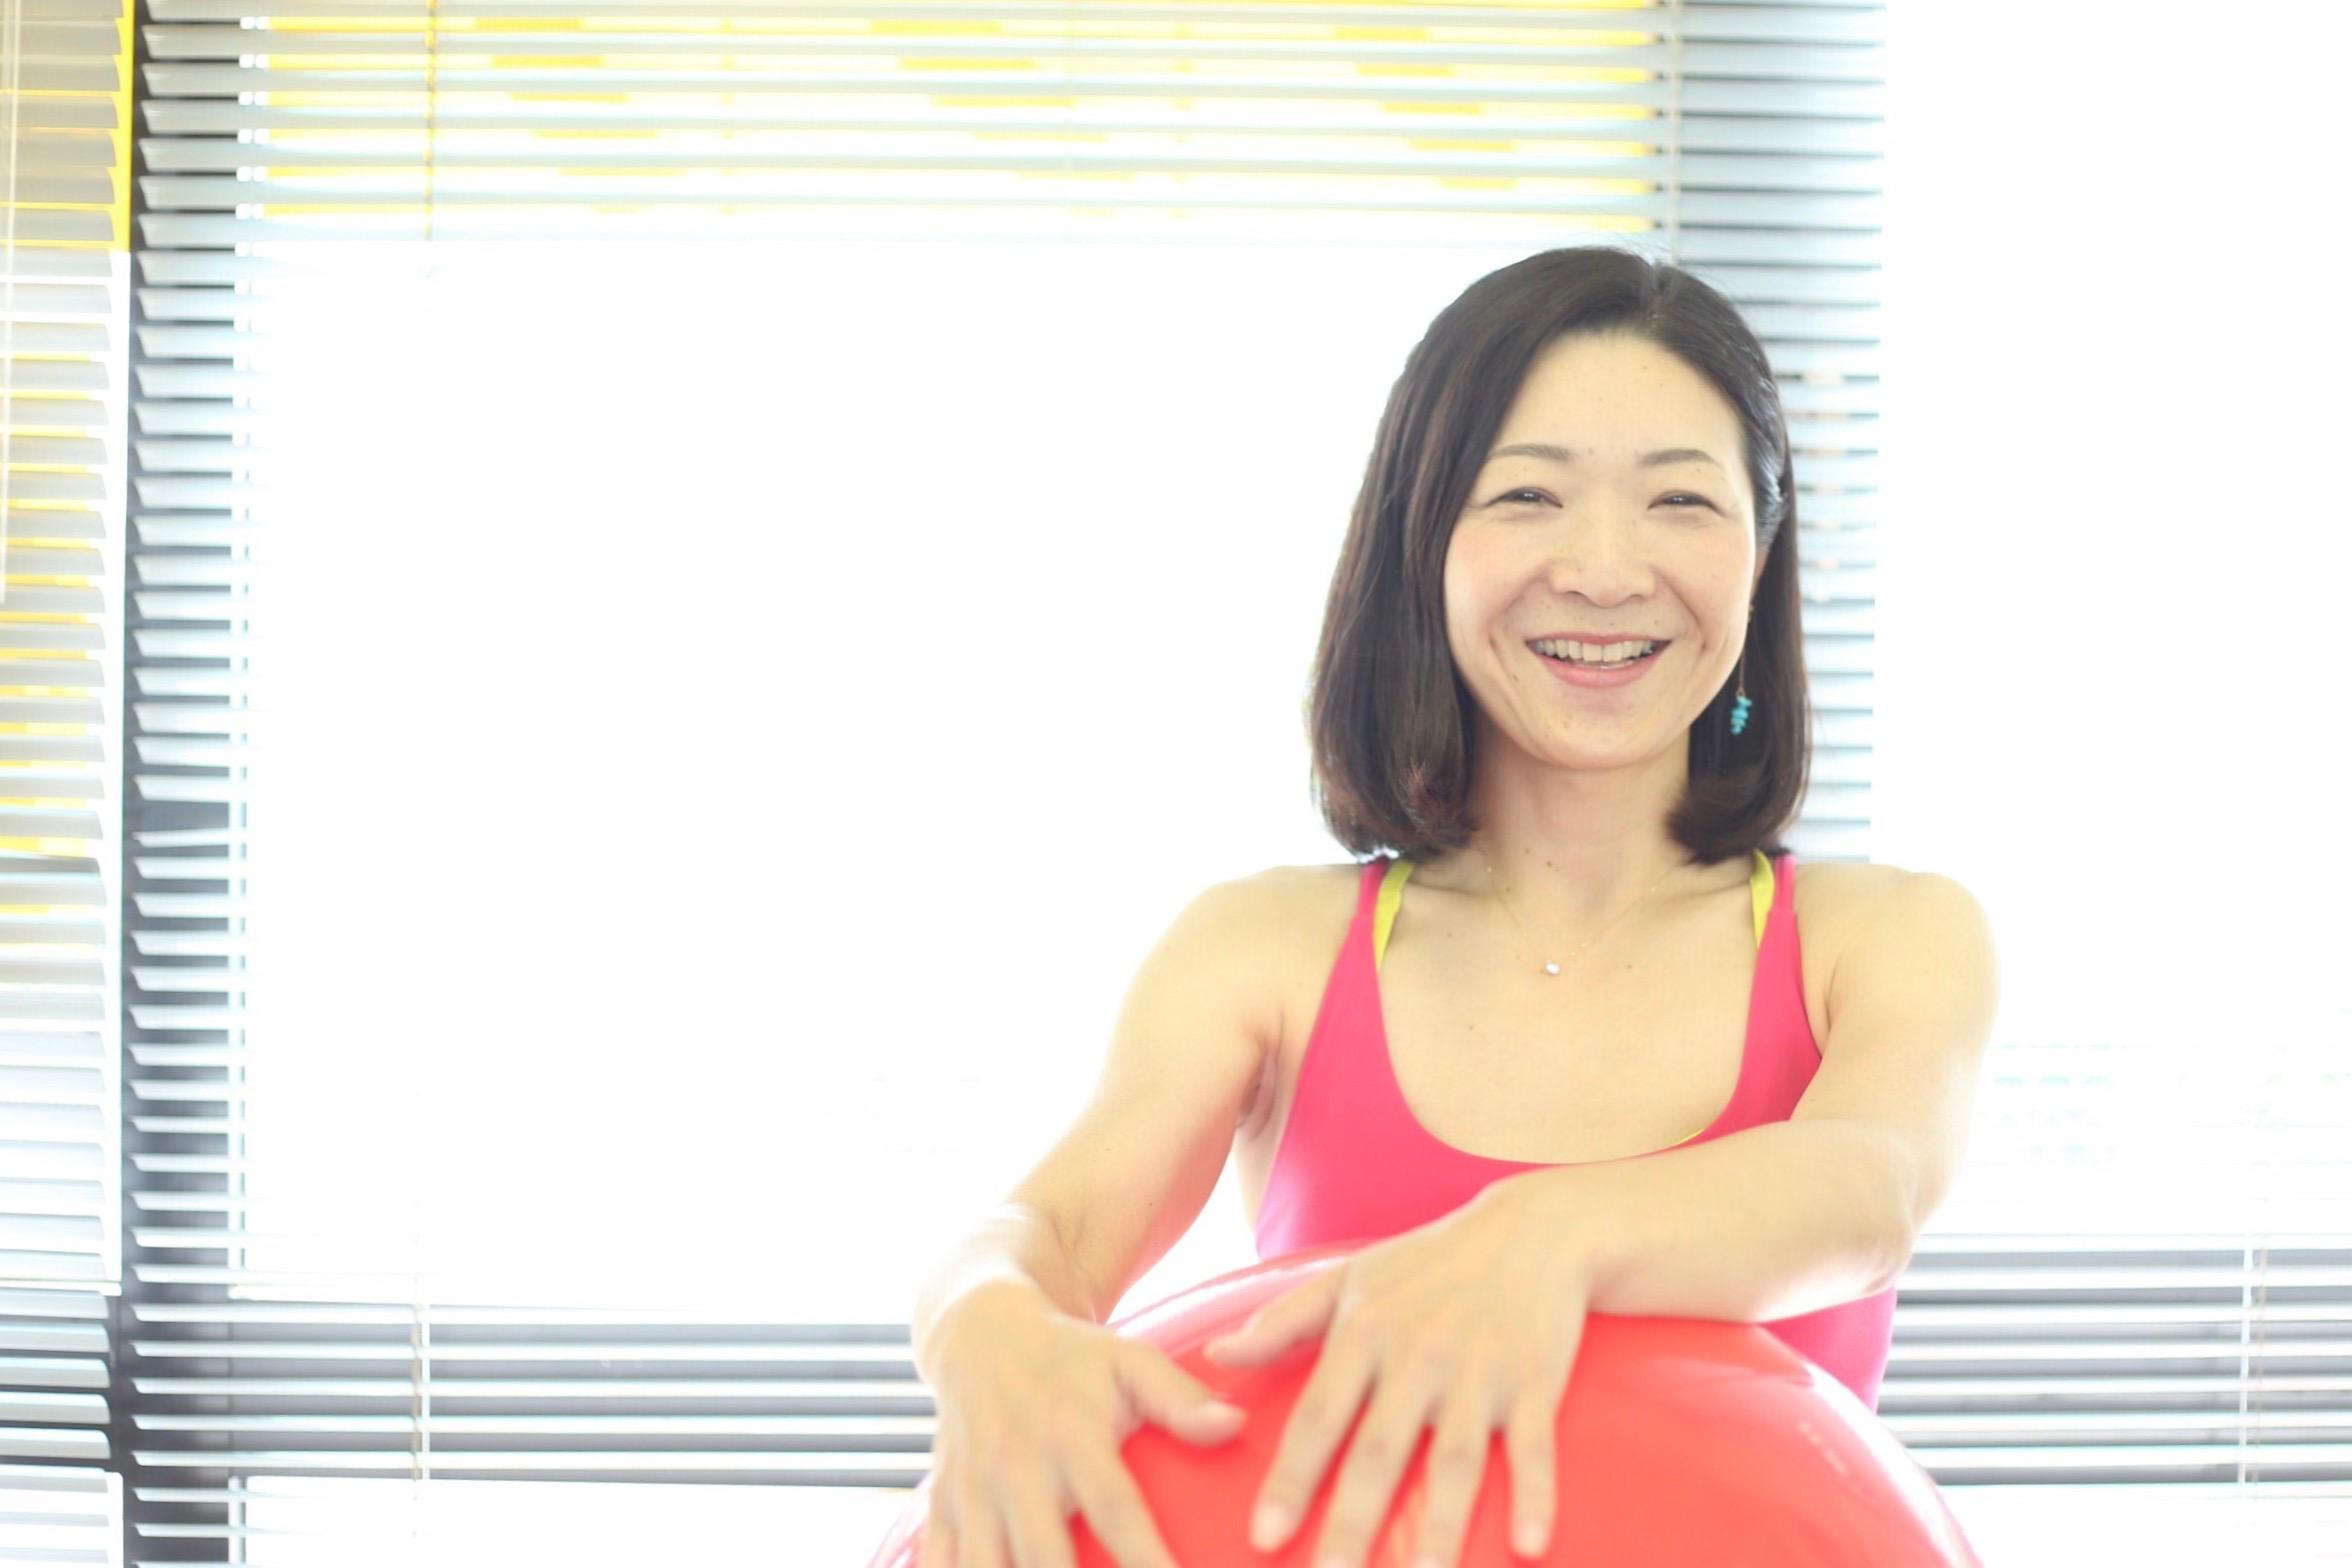 【2月の産後ケア情報】単発でも余すところなく全力で!!